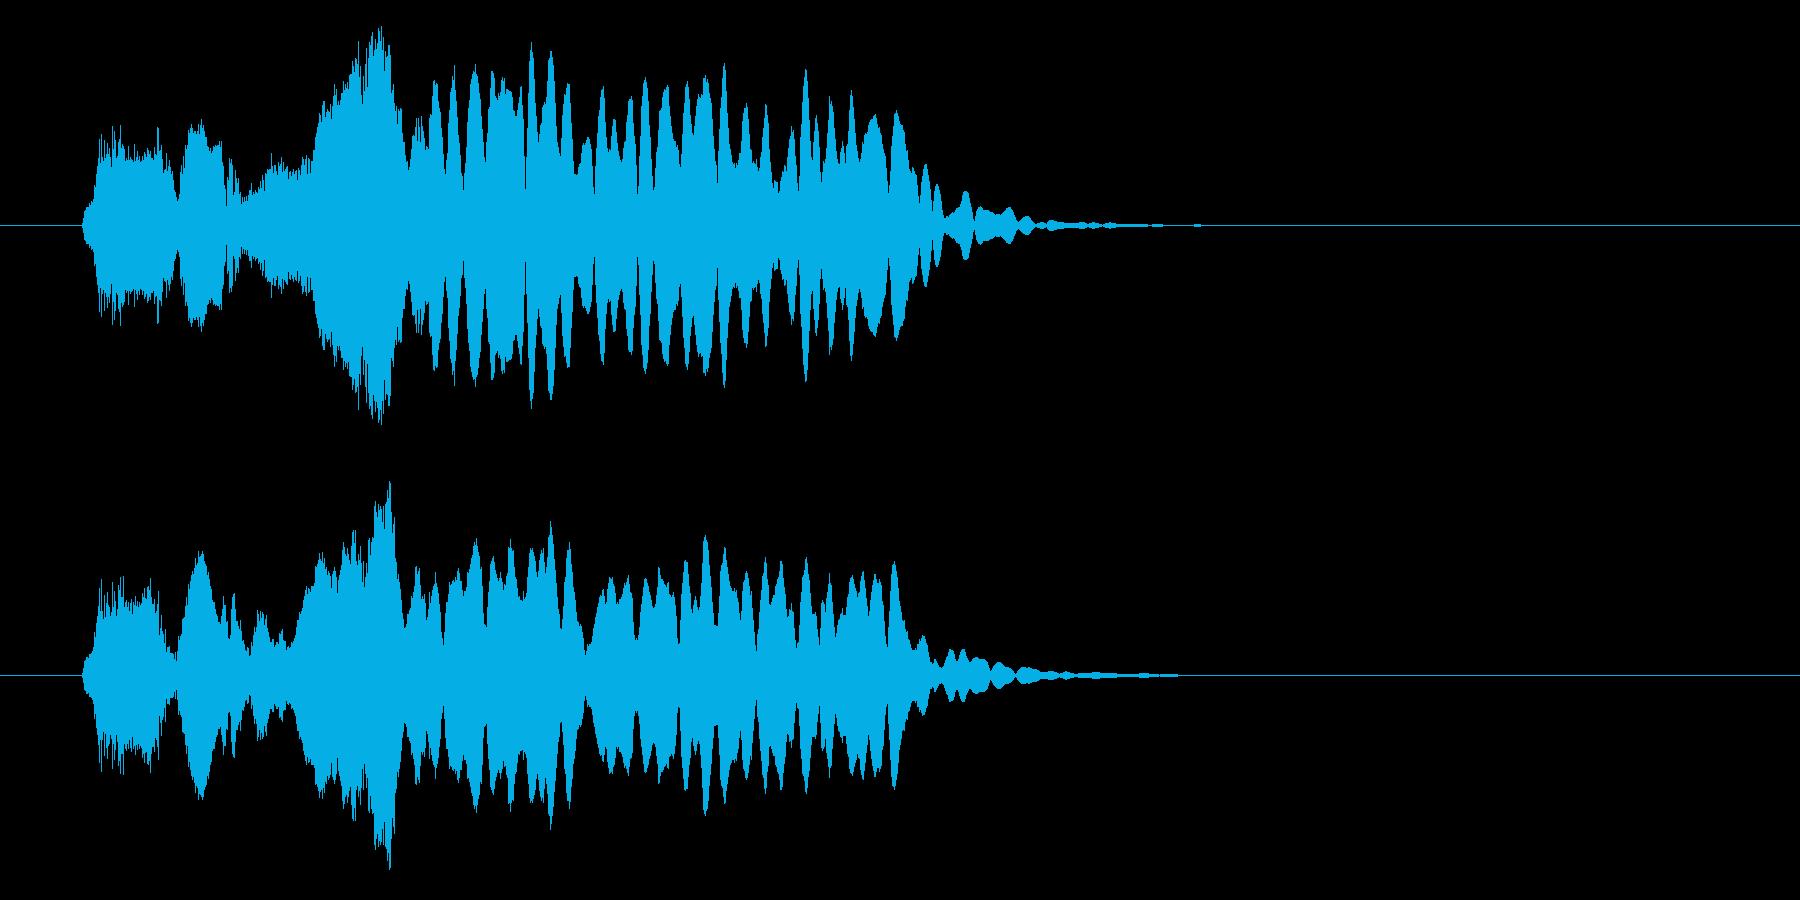 和の素材_尺八フレーズ2の再生済みの波形